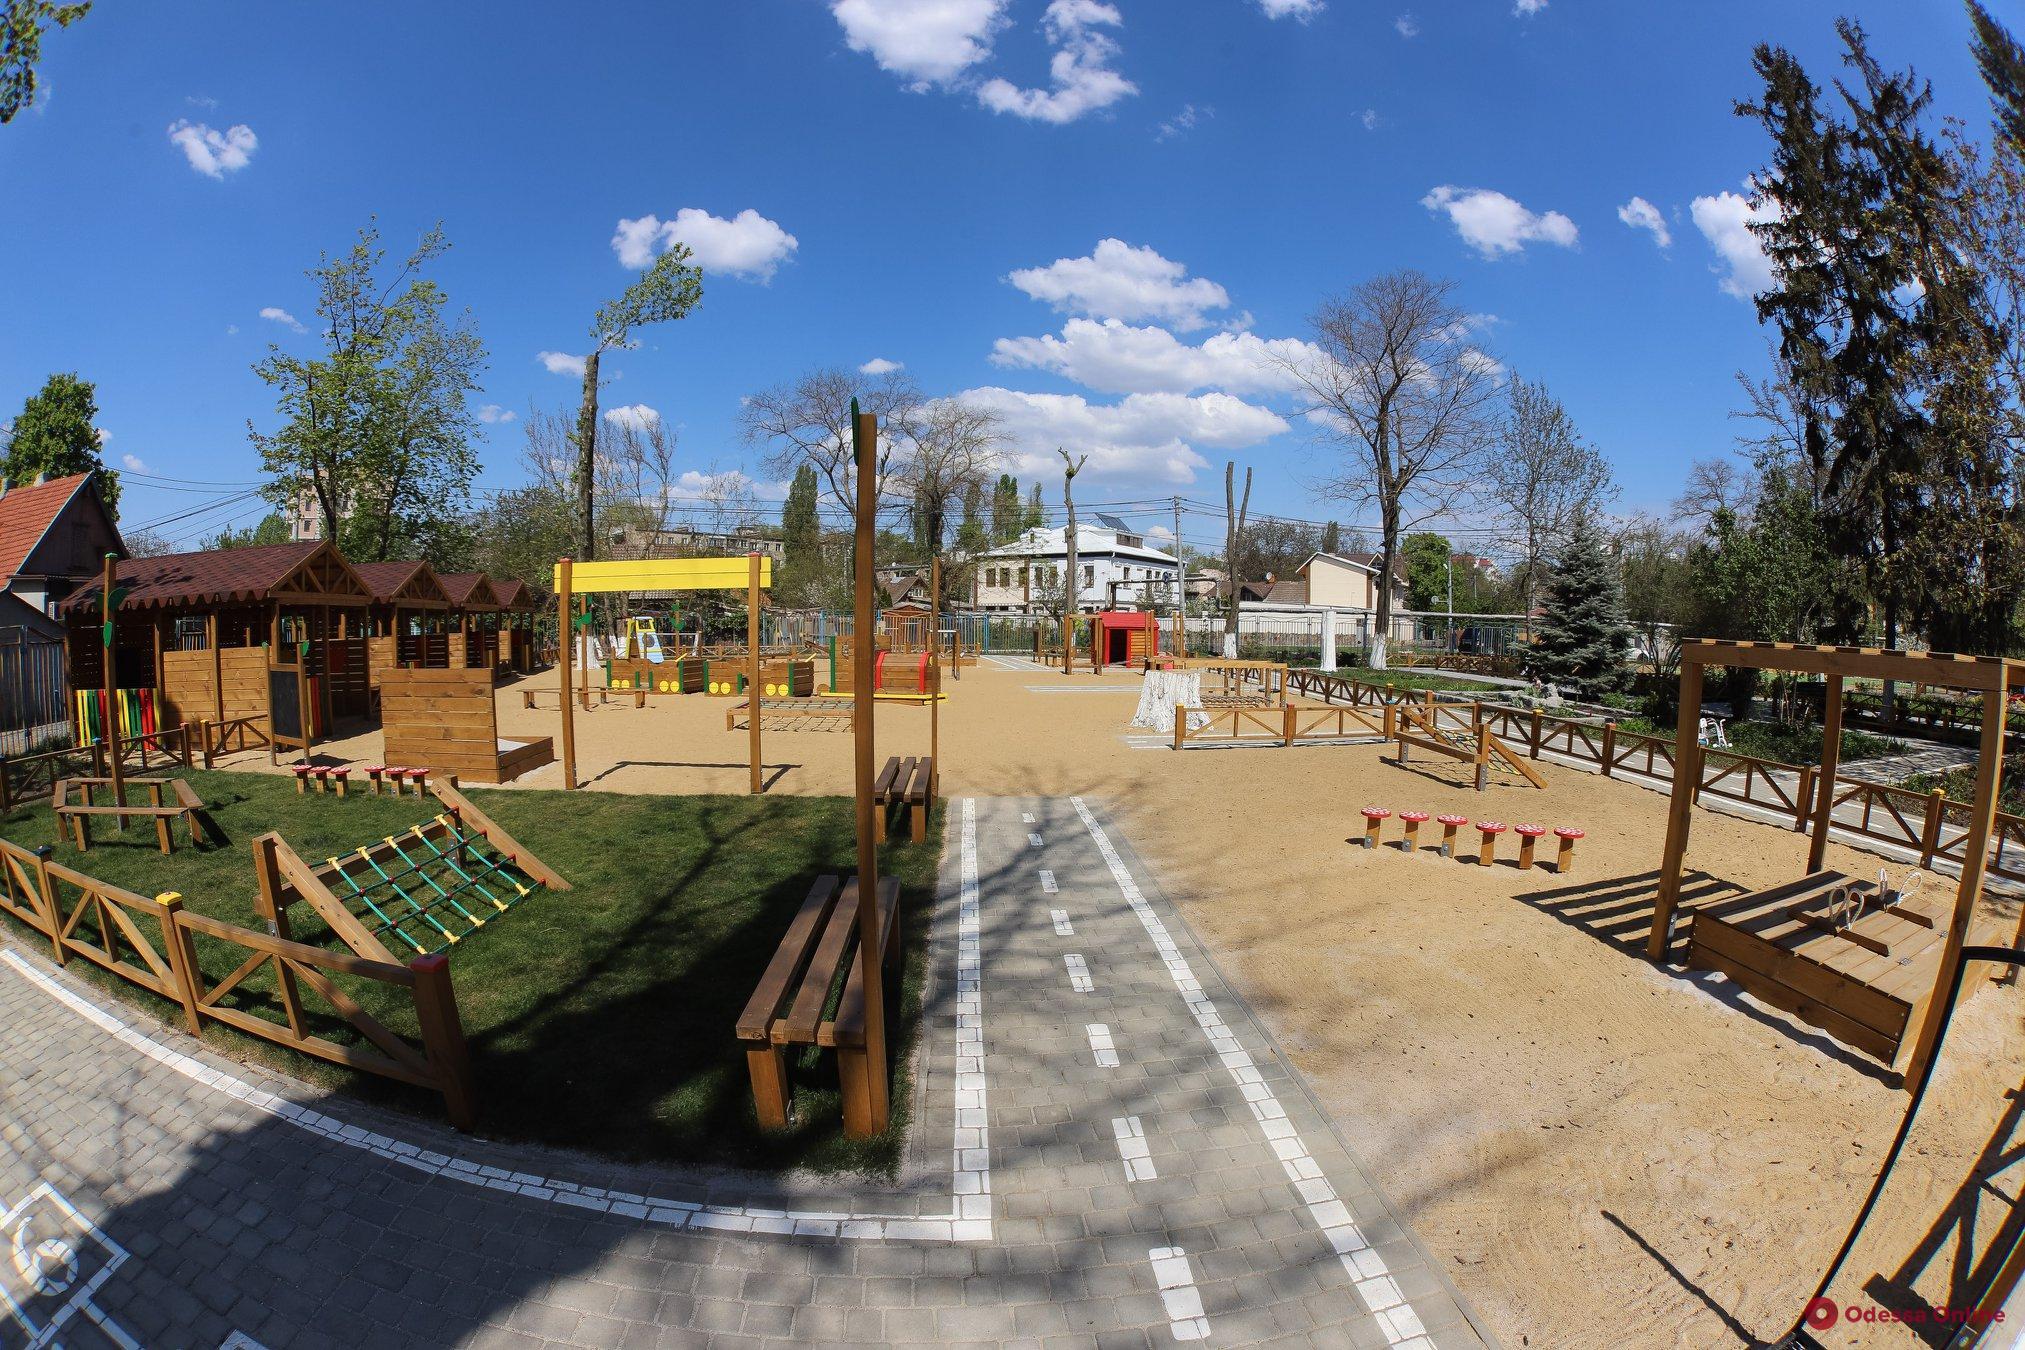 Мэр Одессы проинспектировал новый игровой мини-городок в детсаду на Танкерной (фото, видео)